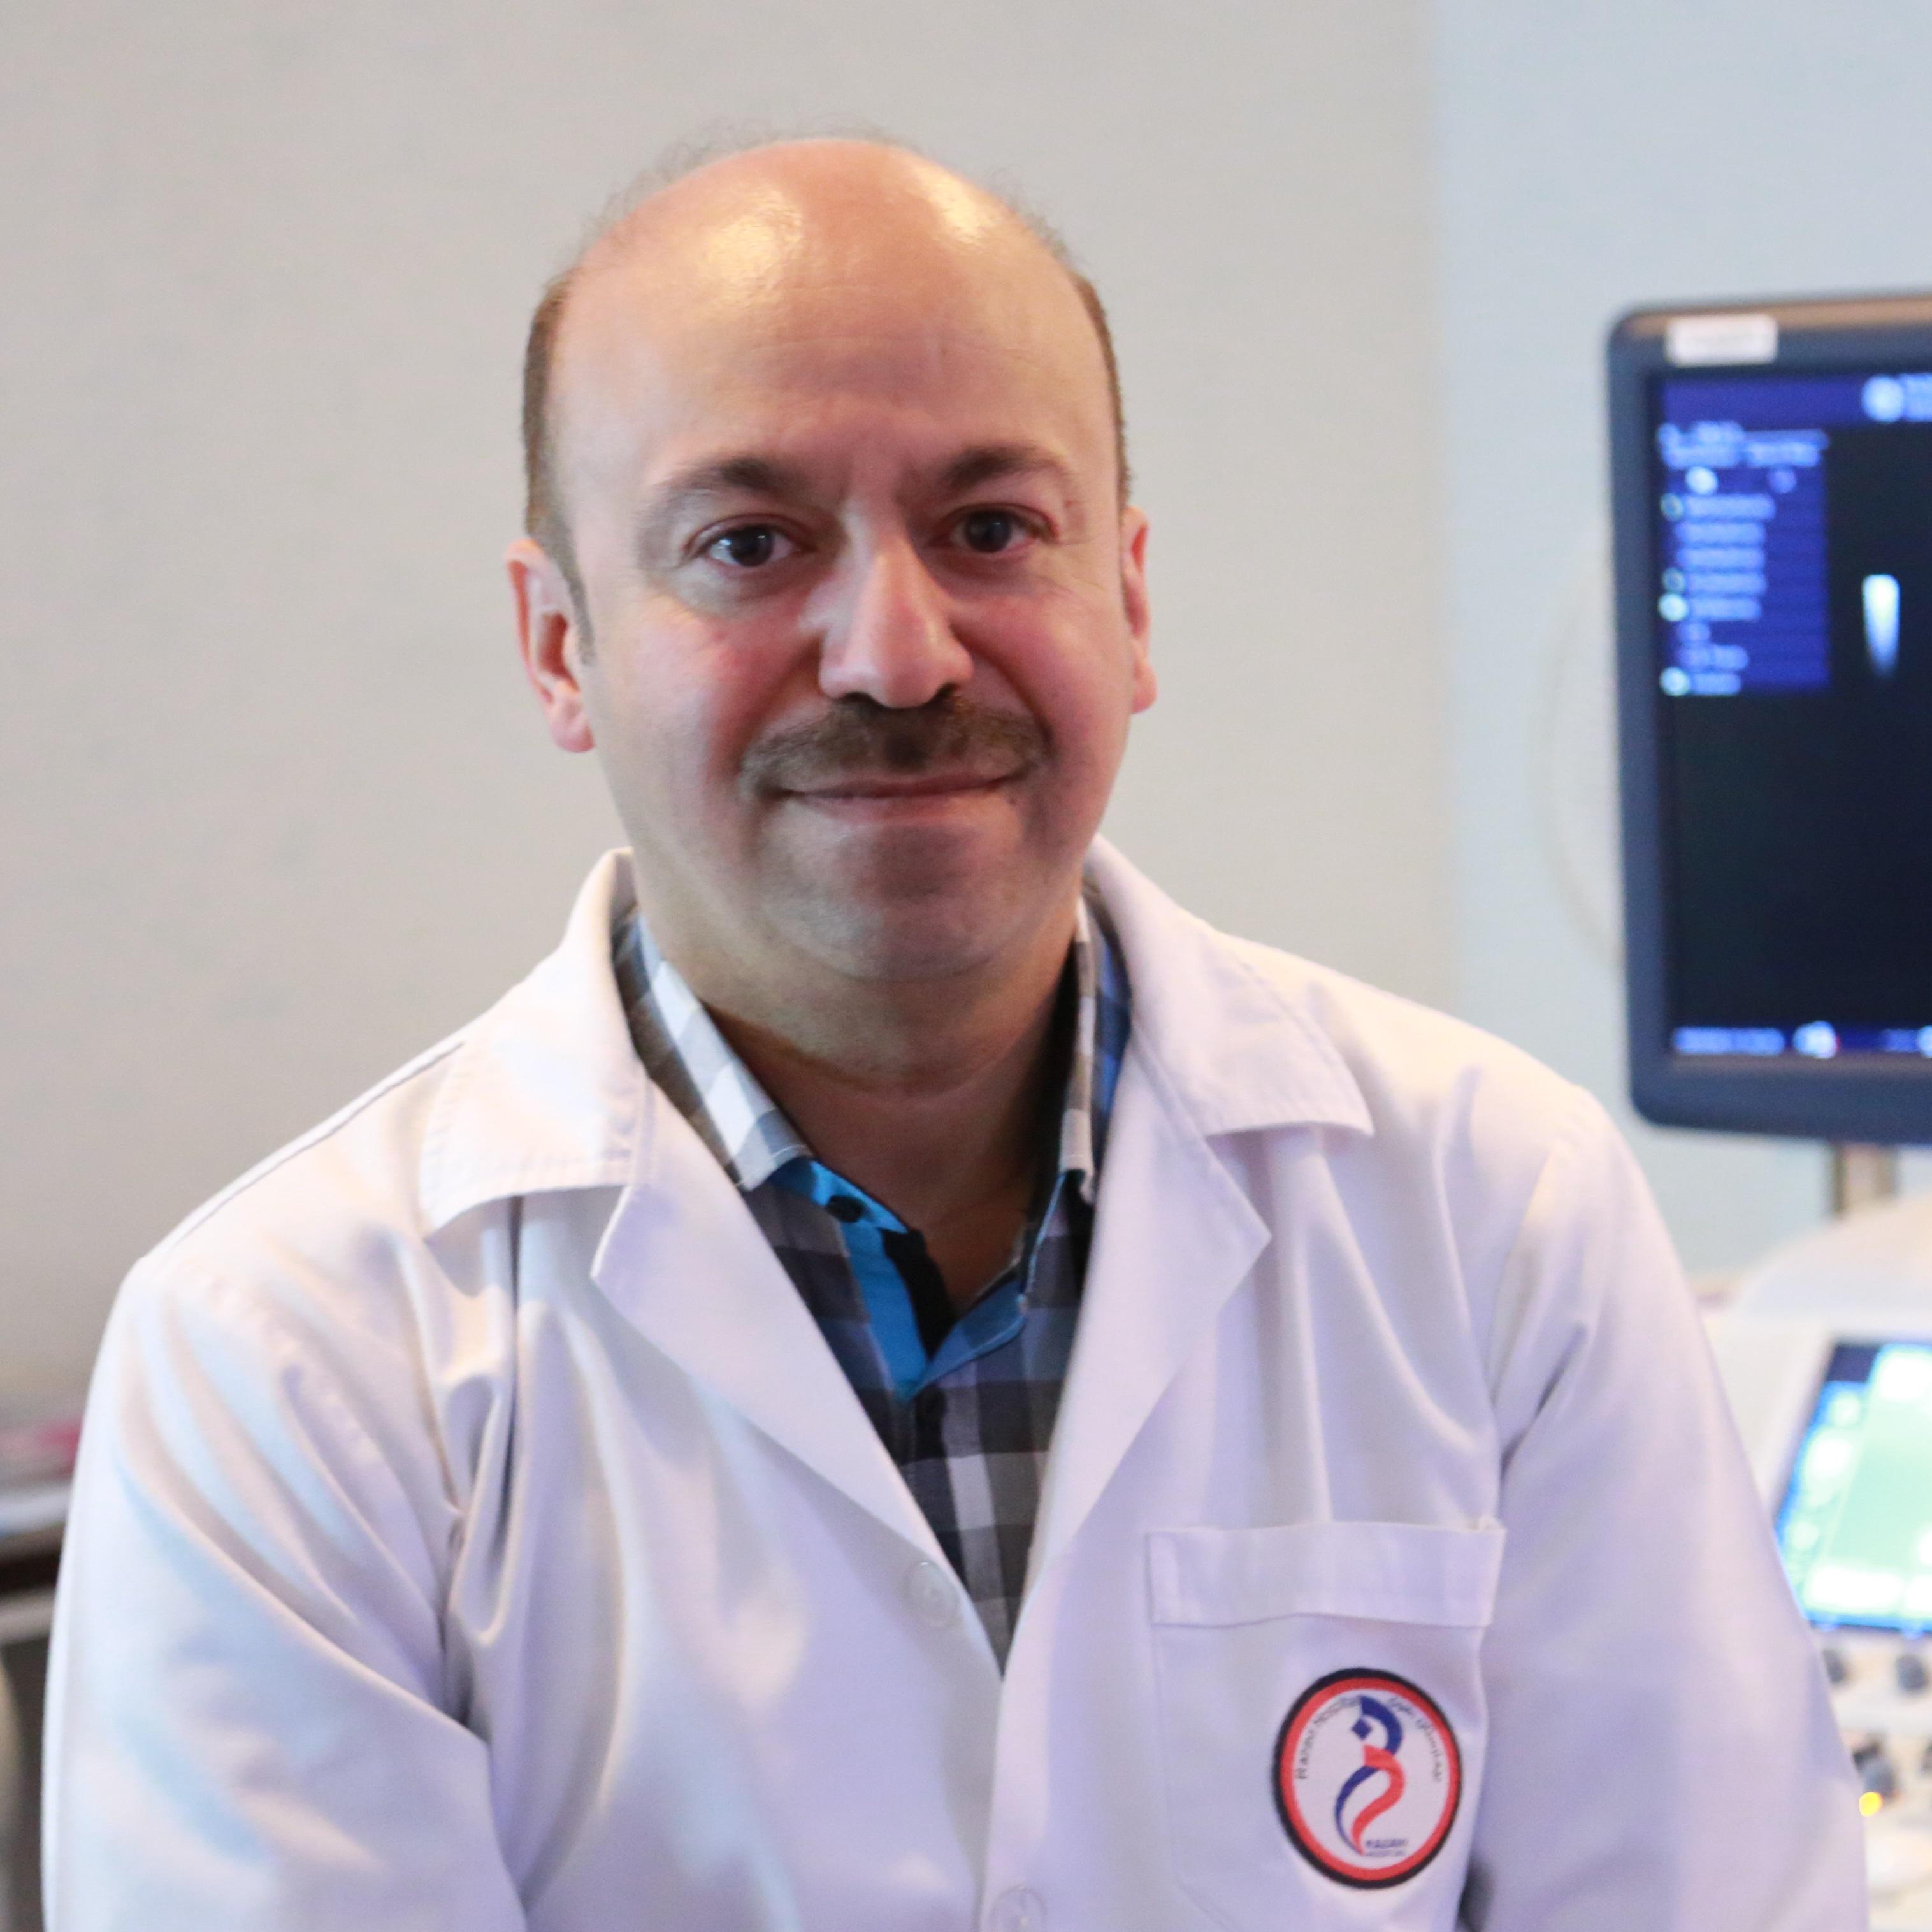 دکتر وحید پرویزی مشهدی